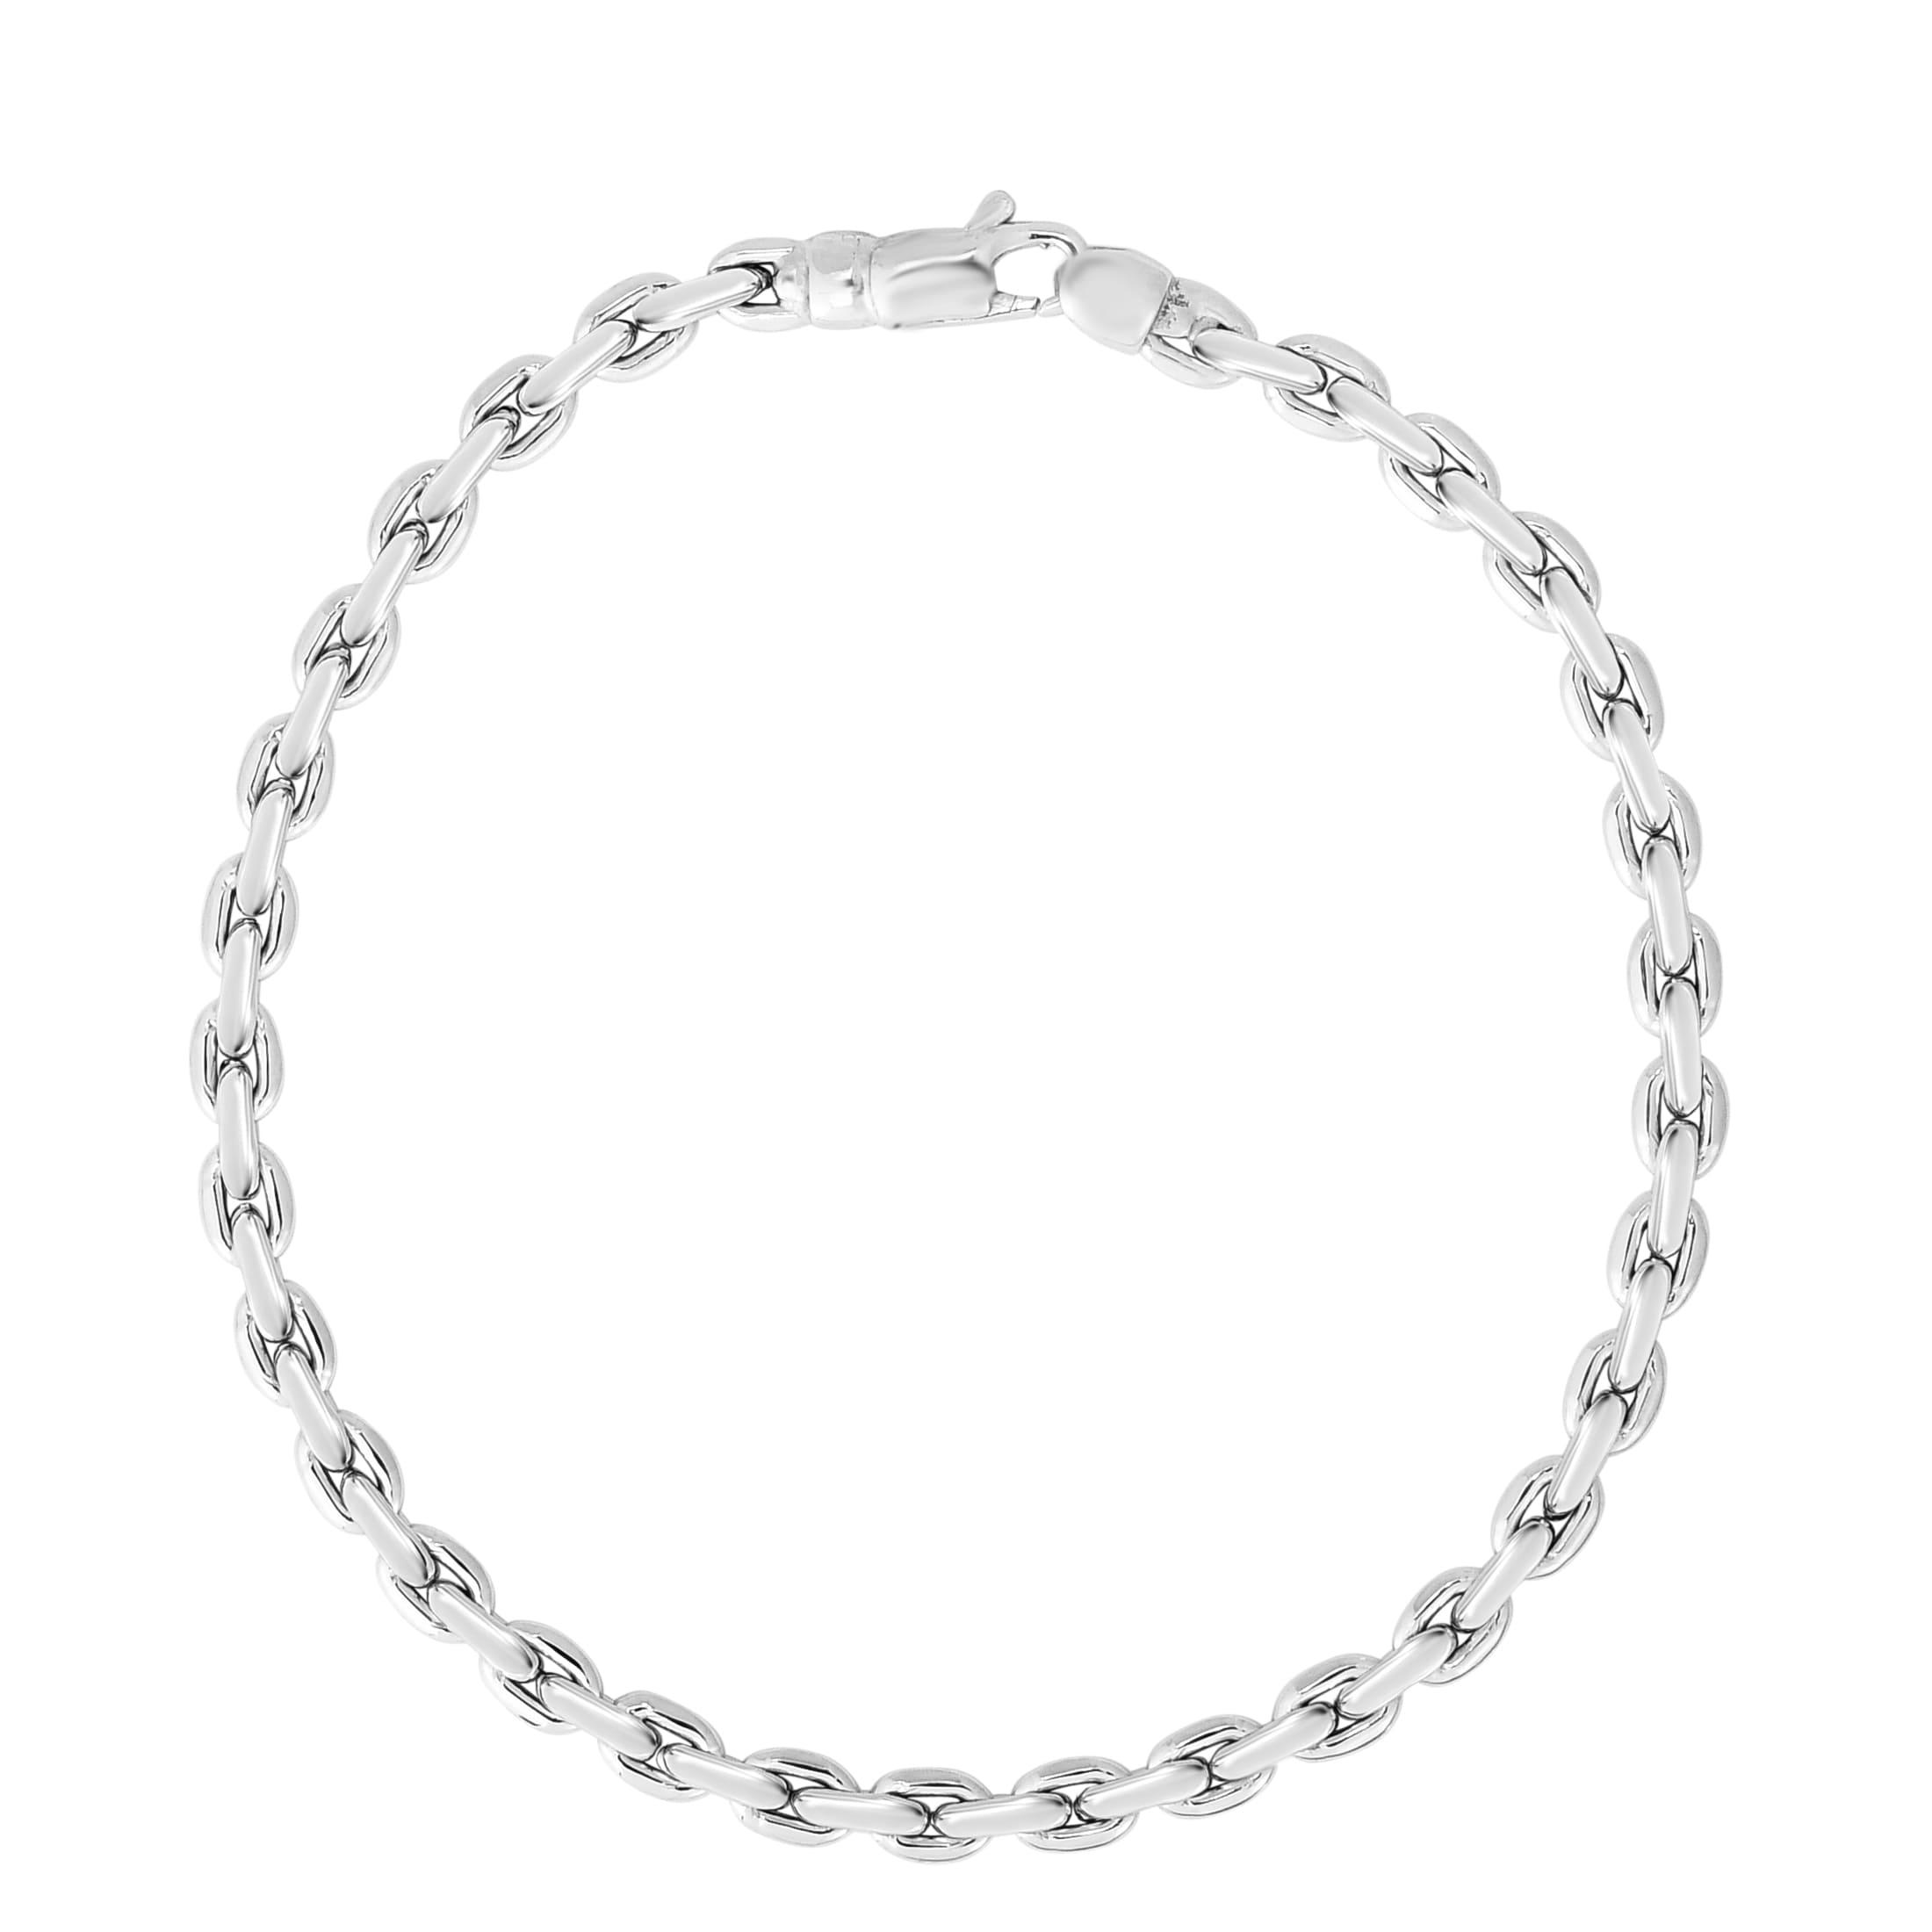 14k-gold-fancy-interlocking-link-bracelet-wrc12760-07_ring